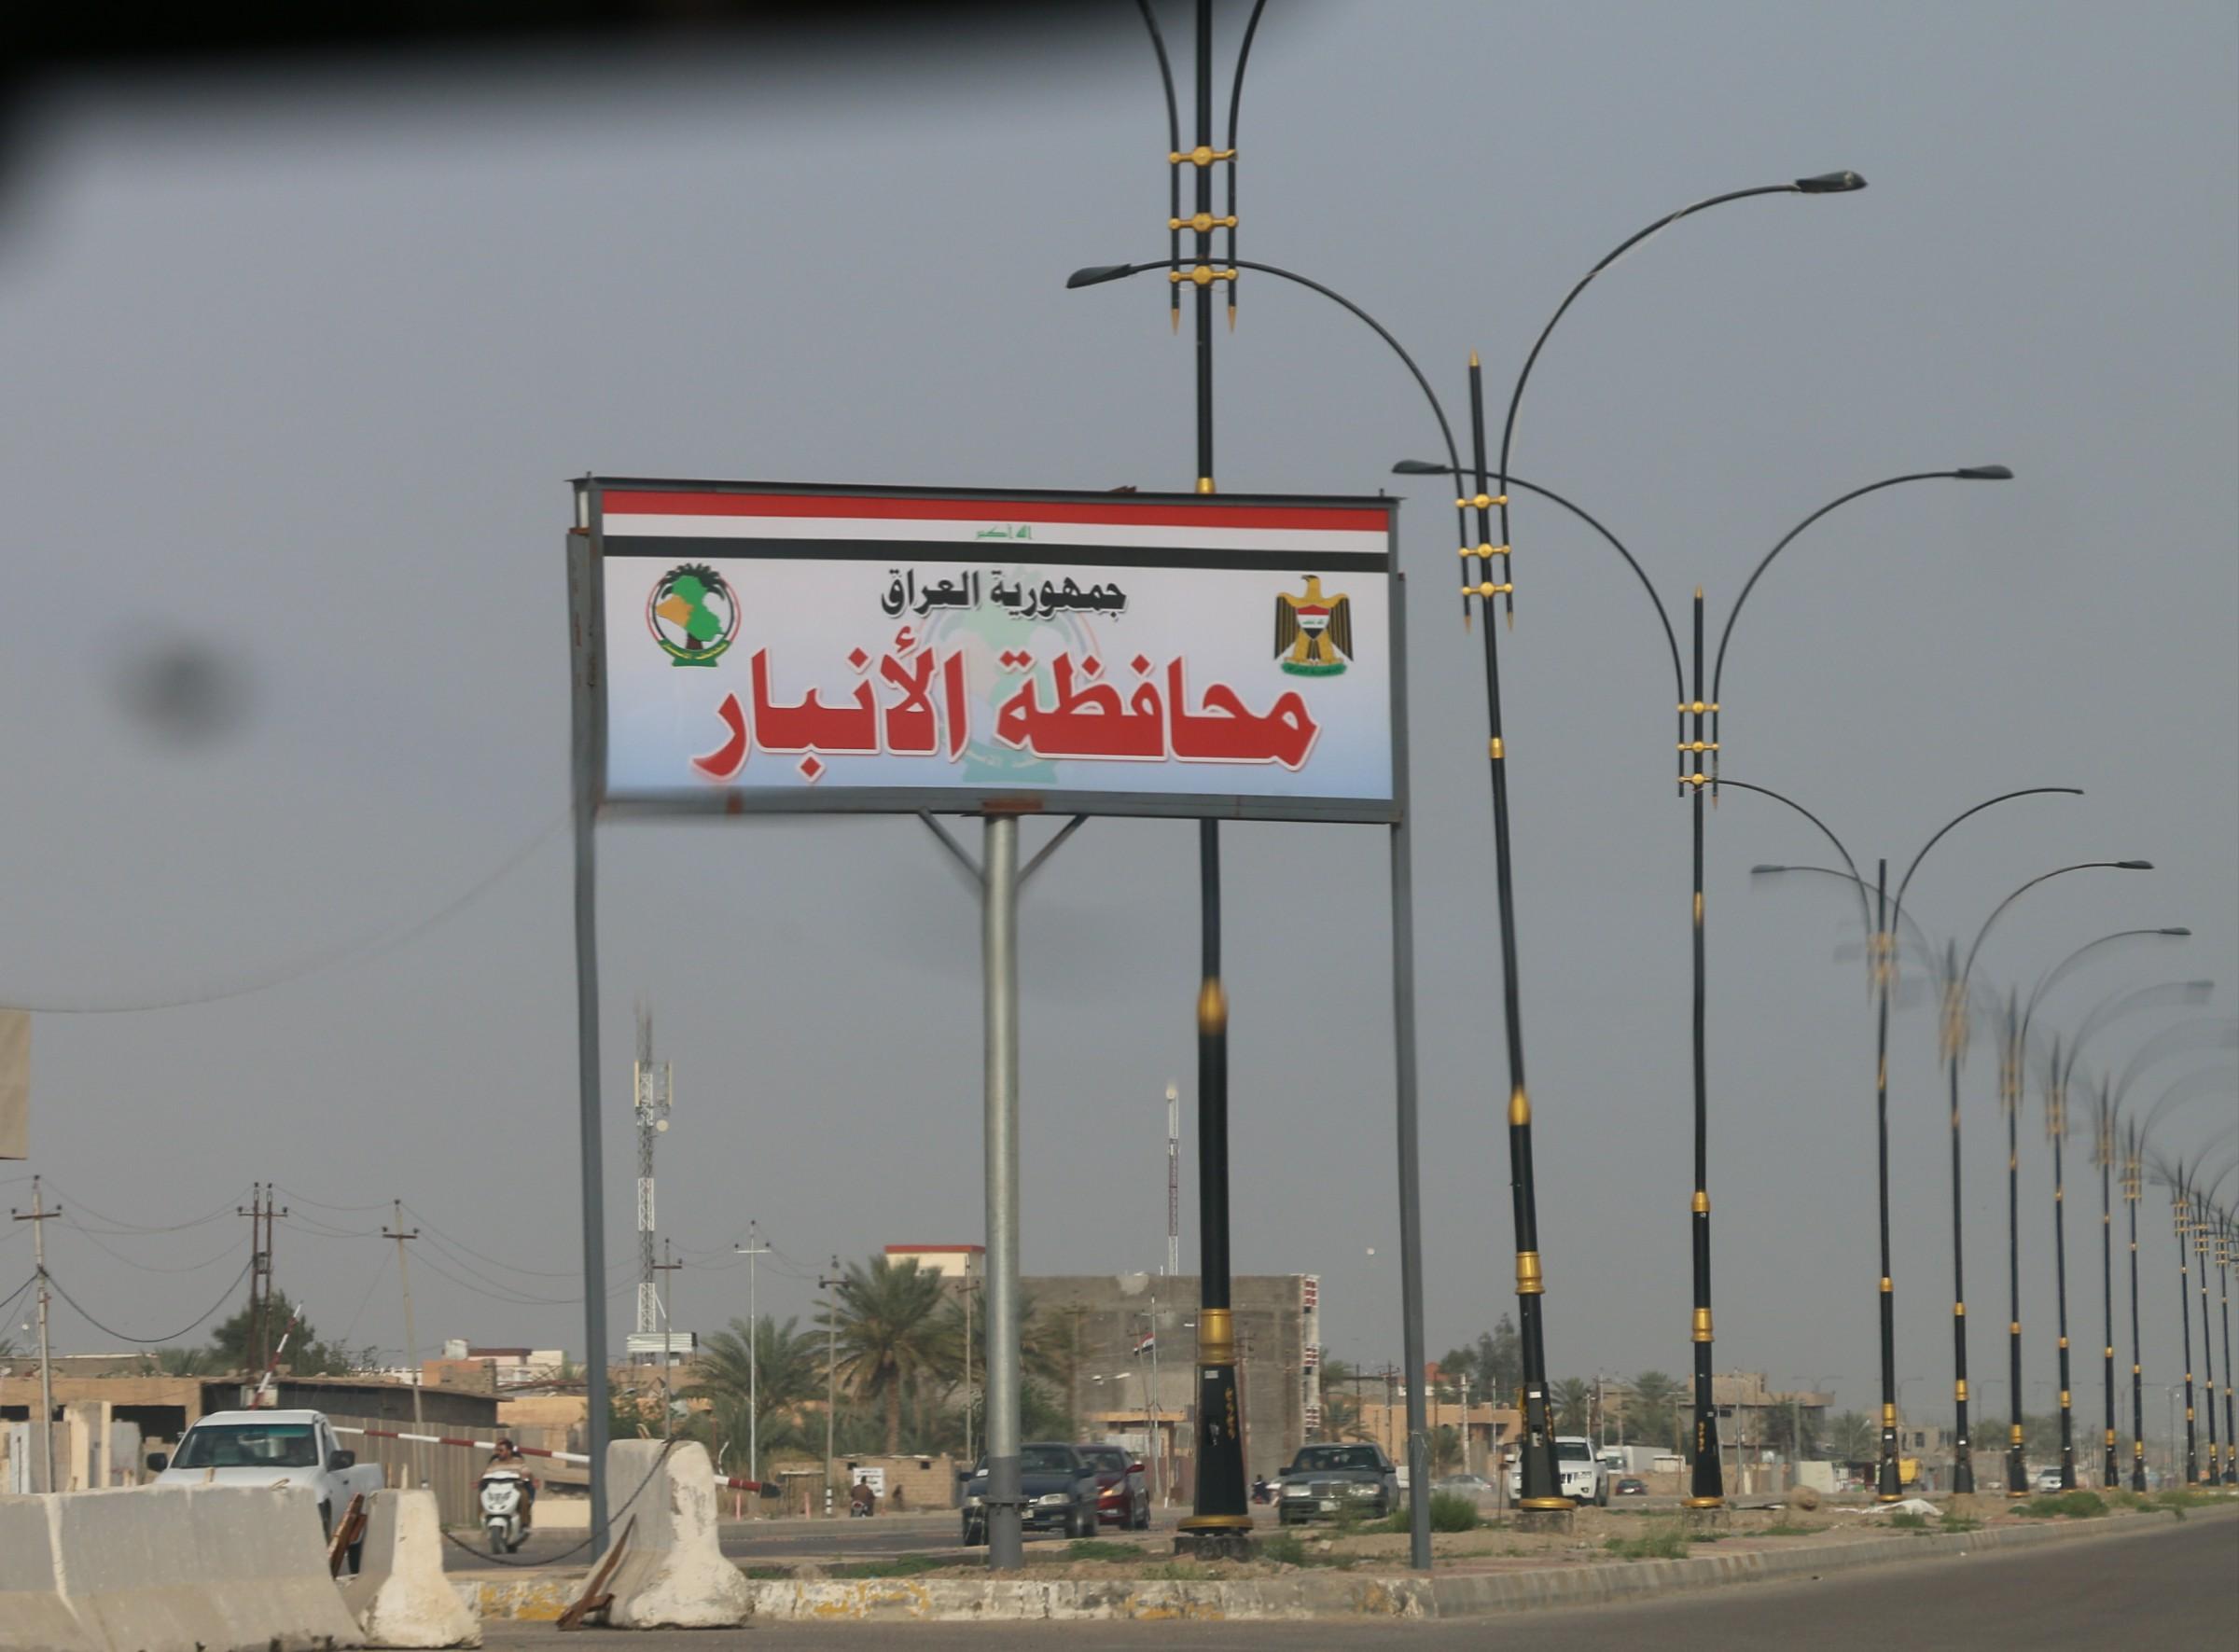 """إكمال تأهيل جسر في الرمادي فجره """"داعش"""" بمبلغ مليون و400 ألف دولار"""